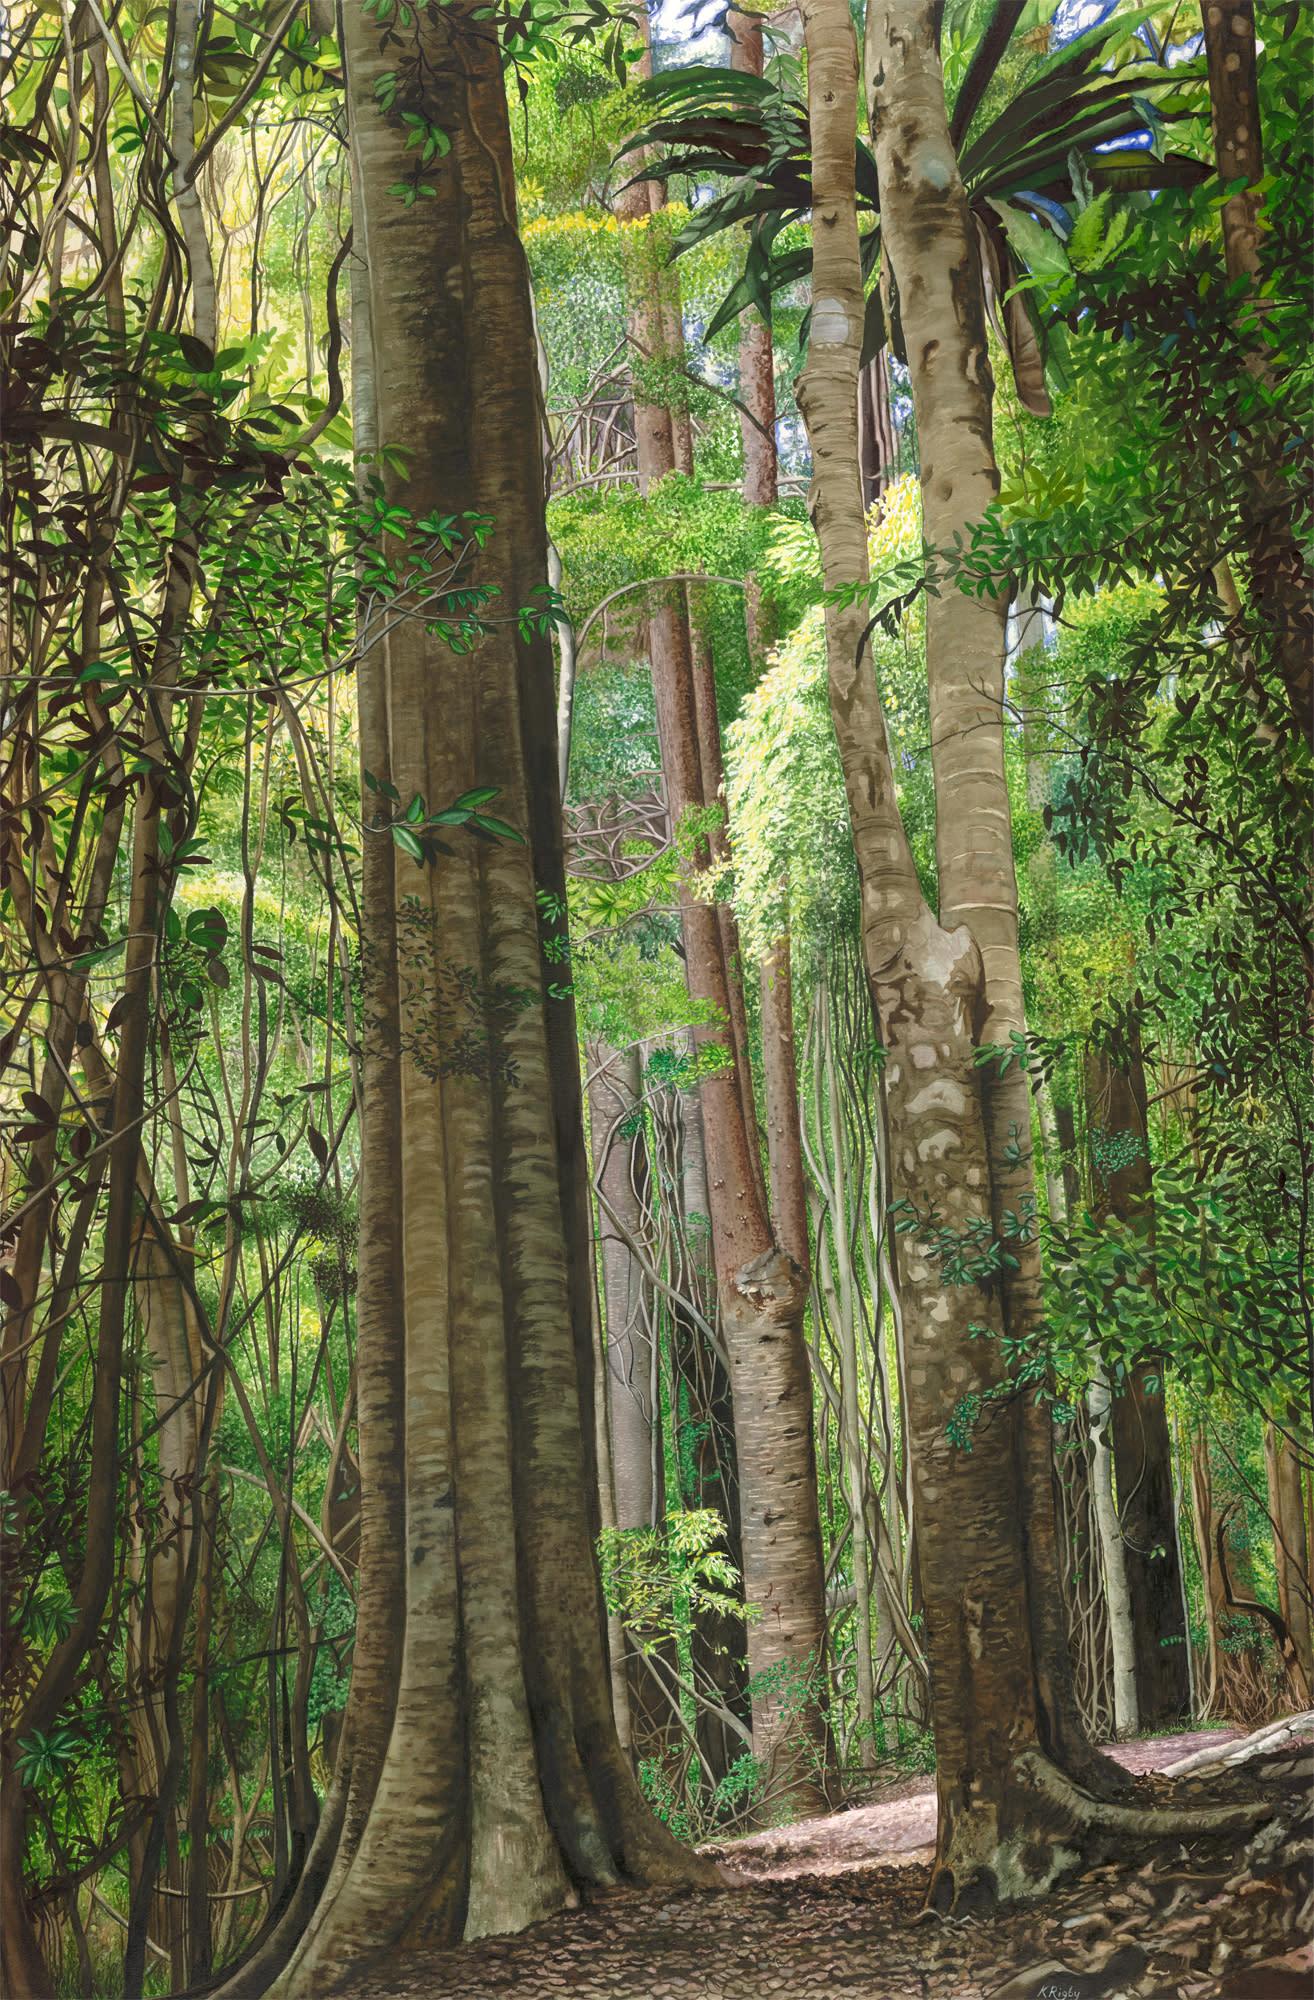 Krig 006 rainforest v791h9